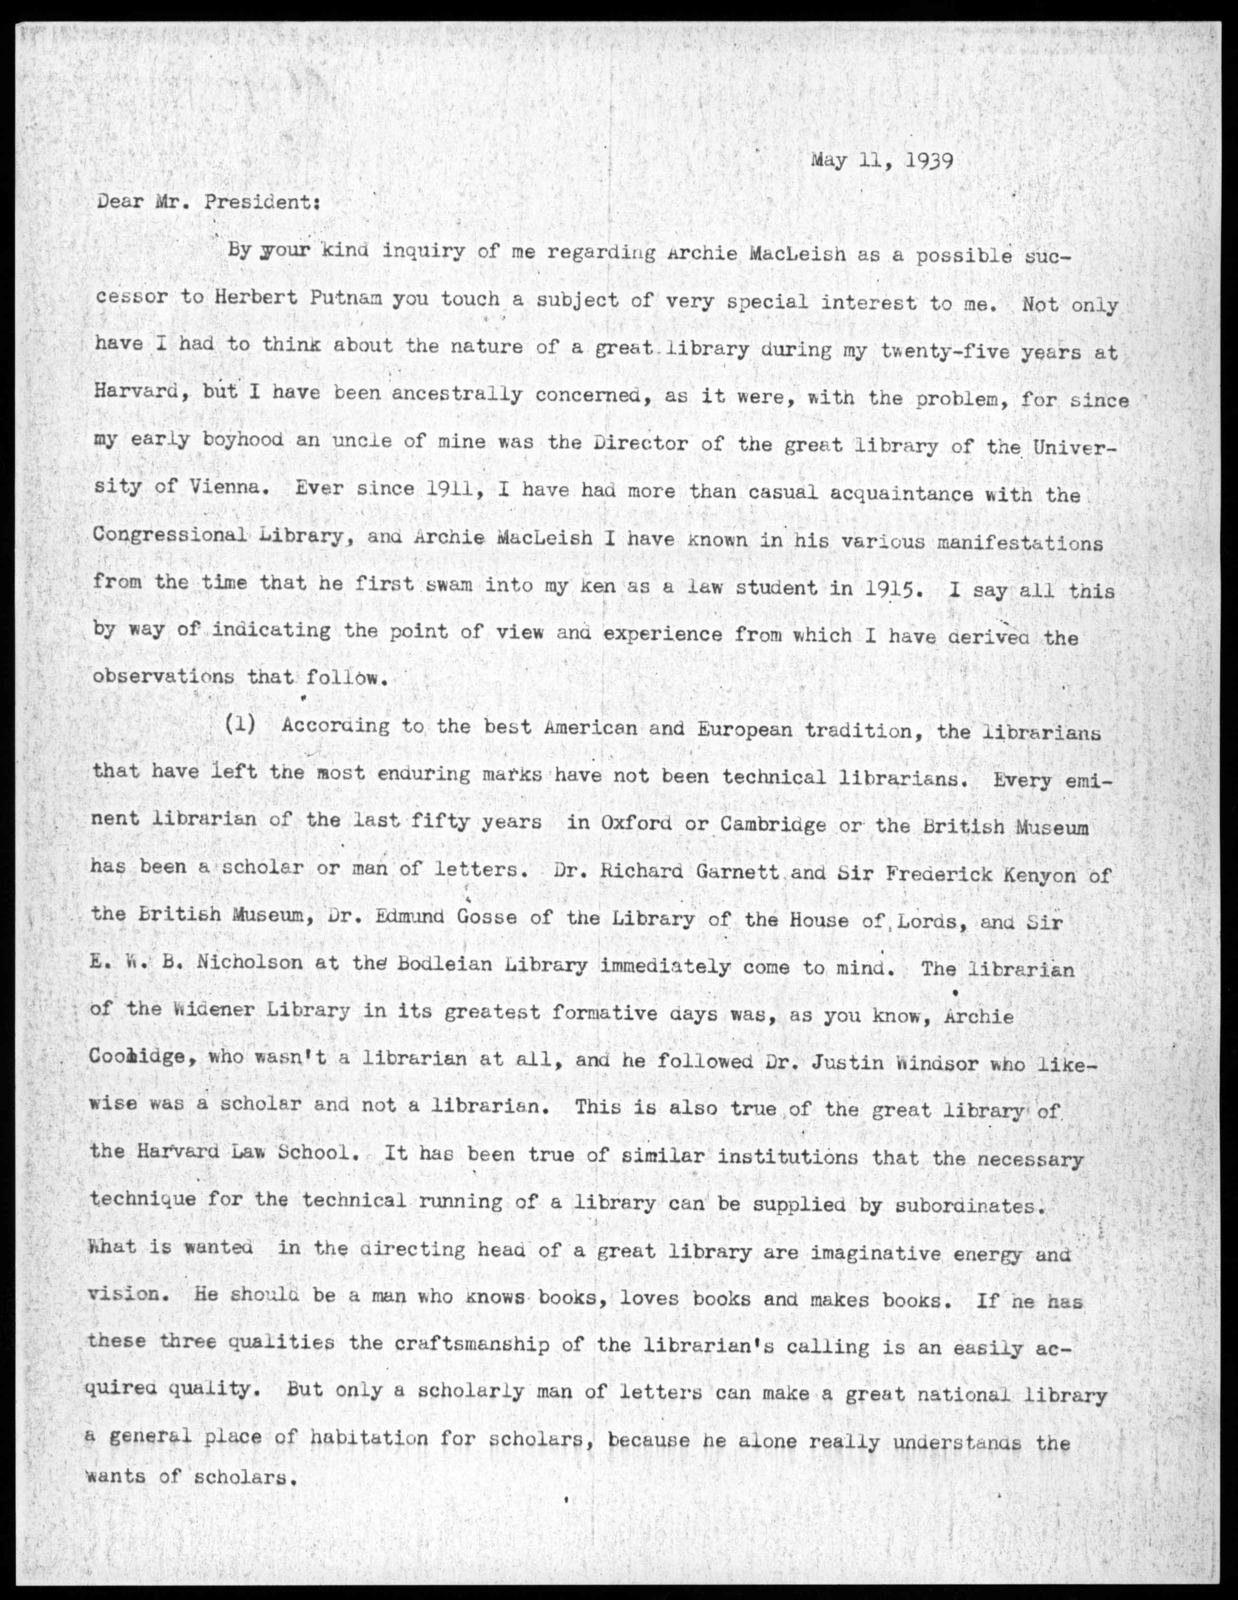 Letter from Felix Frankfurter to Franklin D. Roosevelt, May 11, 1939